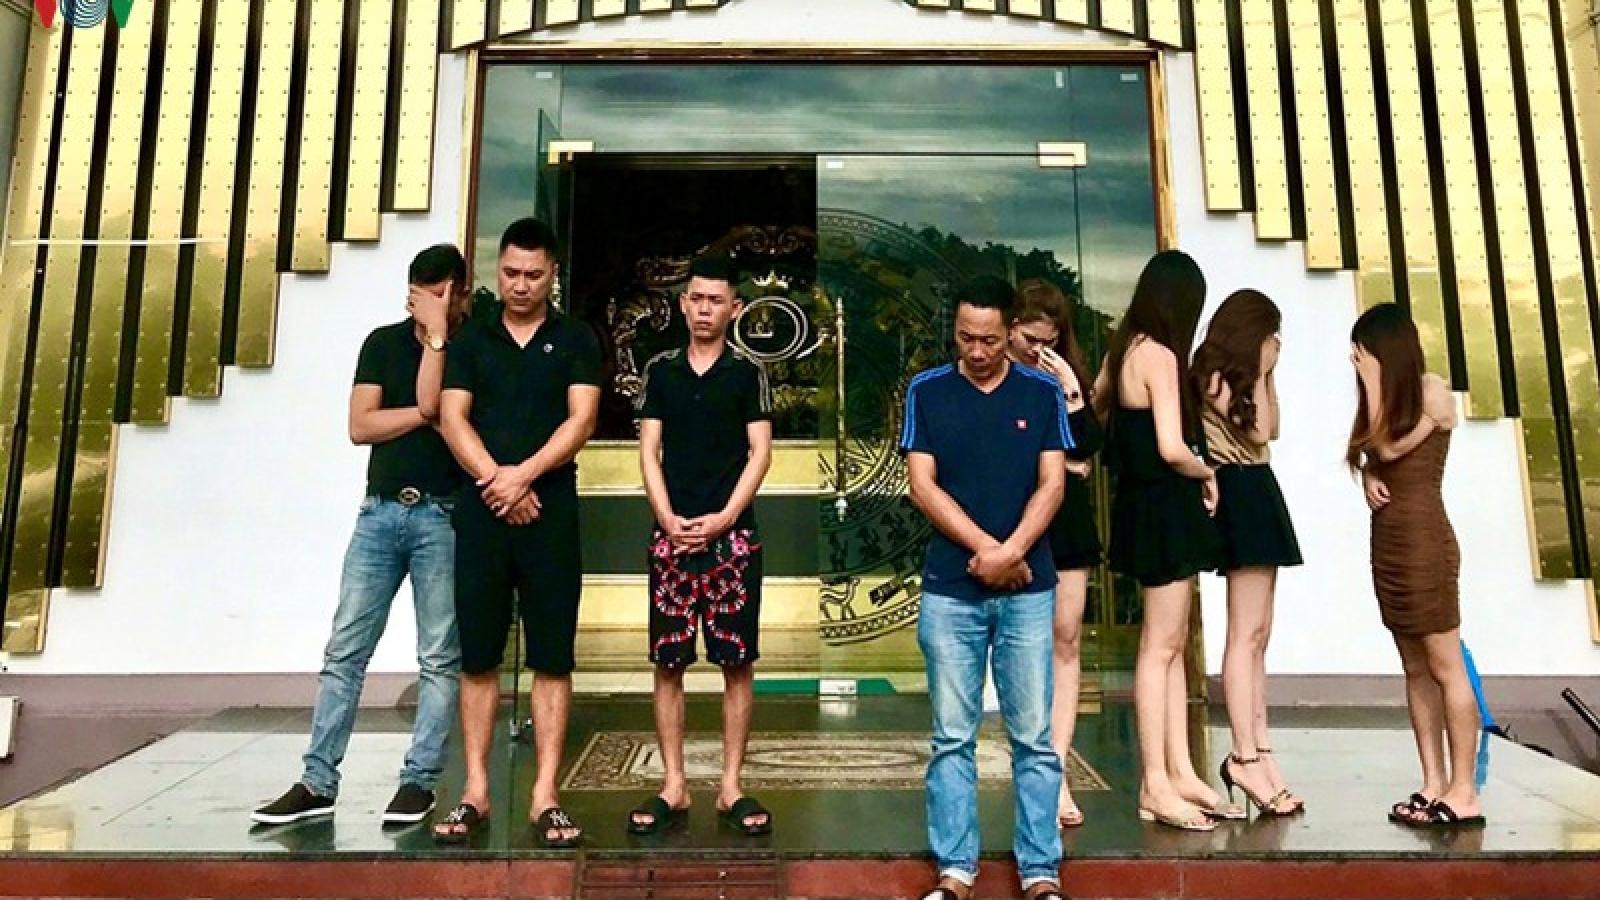 Quảng Ninh: Bất chấp lệnh cấm, 3 quán karaoke vẫn hoạt động